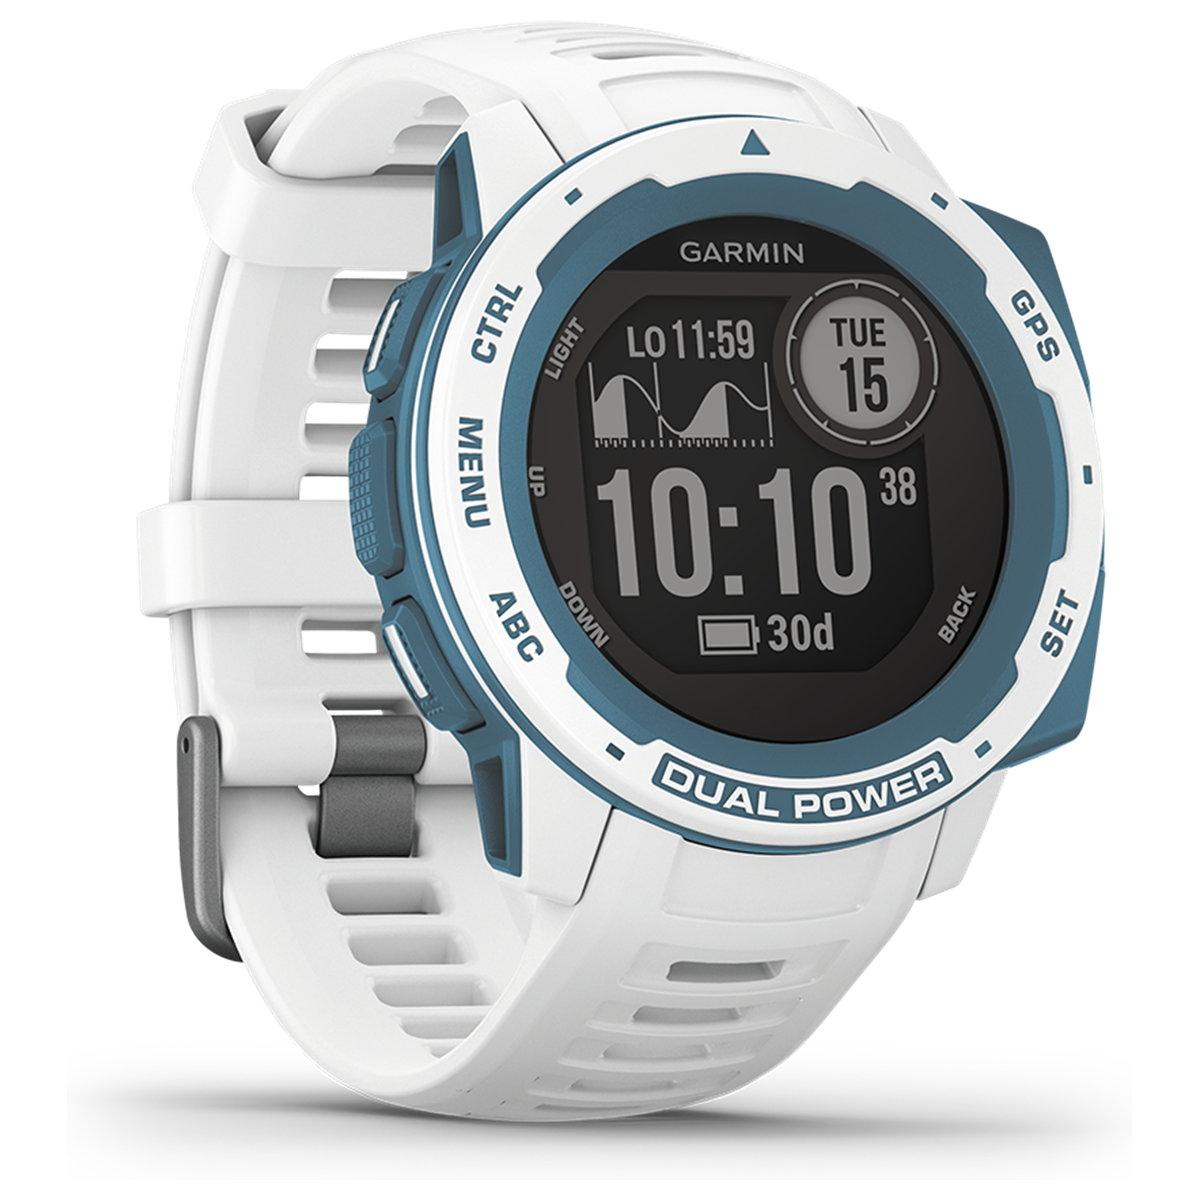 ガーミン GARMIN Instinct Dual Power Graphite Surf Edition Cloudbreak インスティンクト デュアルパワー スマートウォッチ ウェアラブル GPS ソーラー 腕時計 010-02293-61